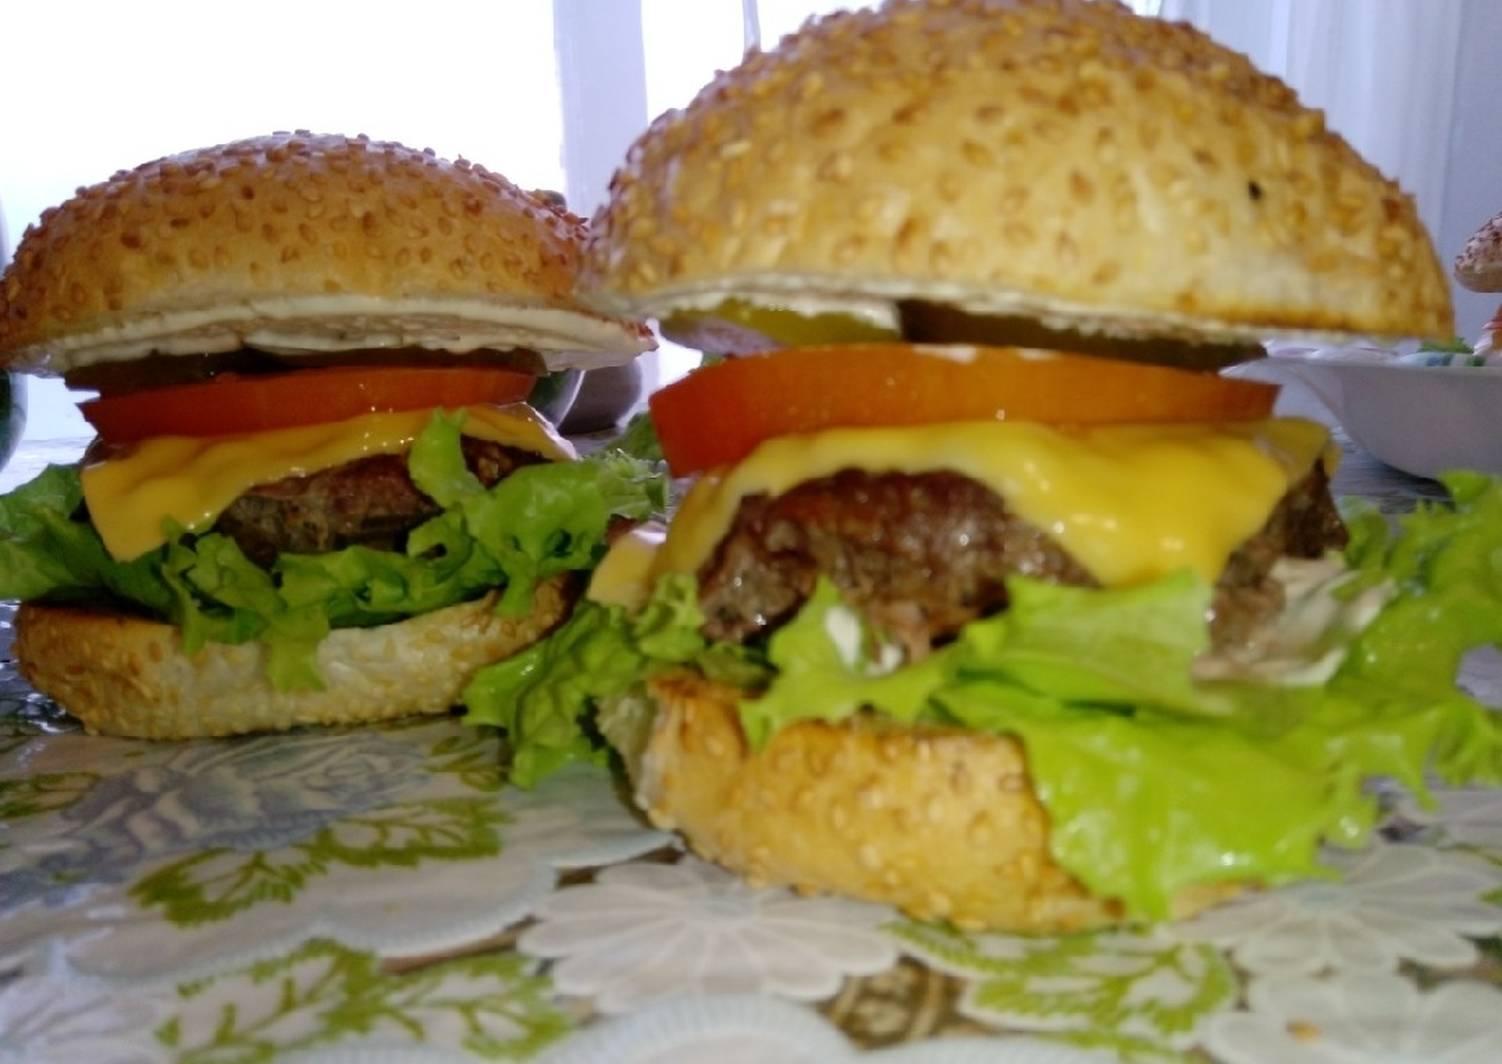 миссия самые настоящие чизбургер рецепт с фото звёздочка доме сверкает